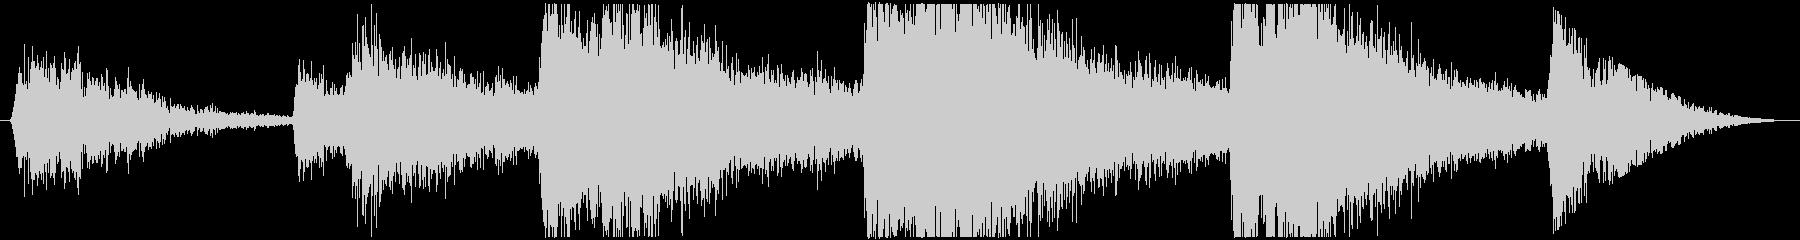 雨の音06(ゲリラ豪雨)の未再生の波形